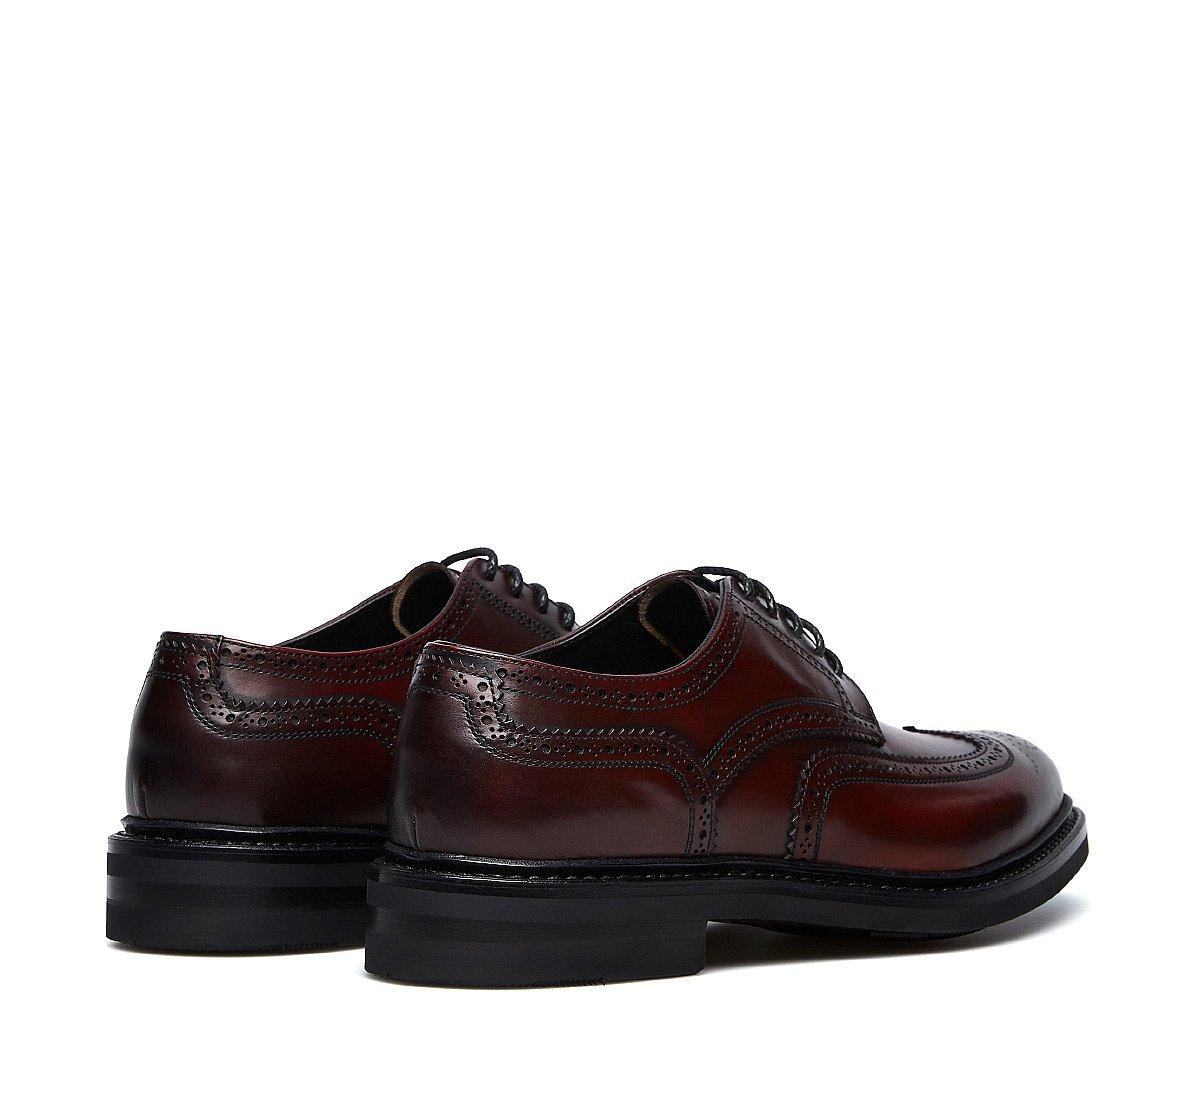 Flex Goodyear Oxfords in exquisite calfskin